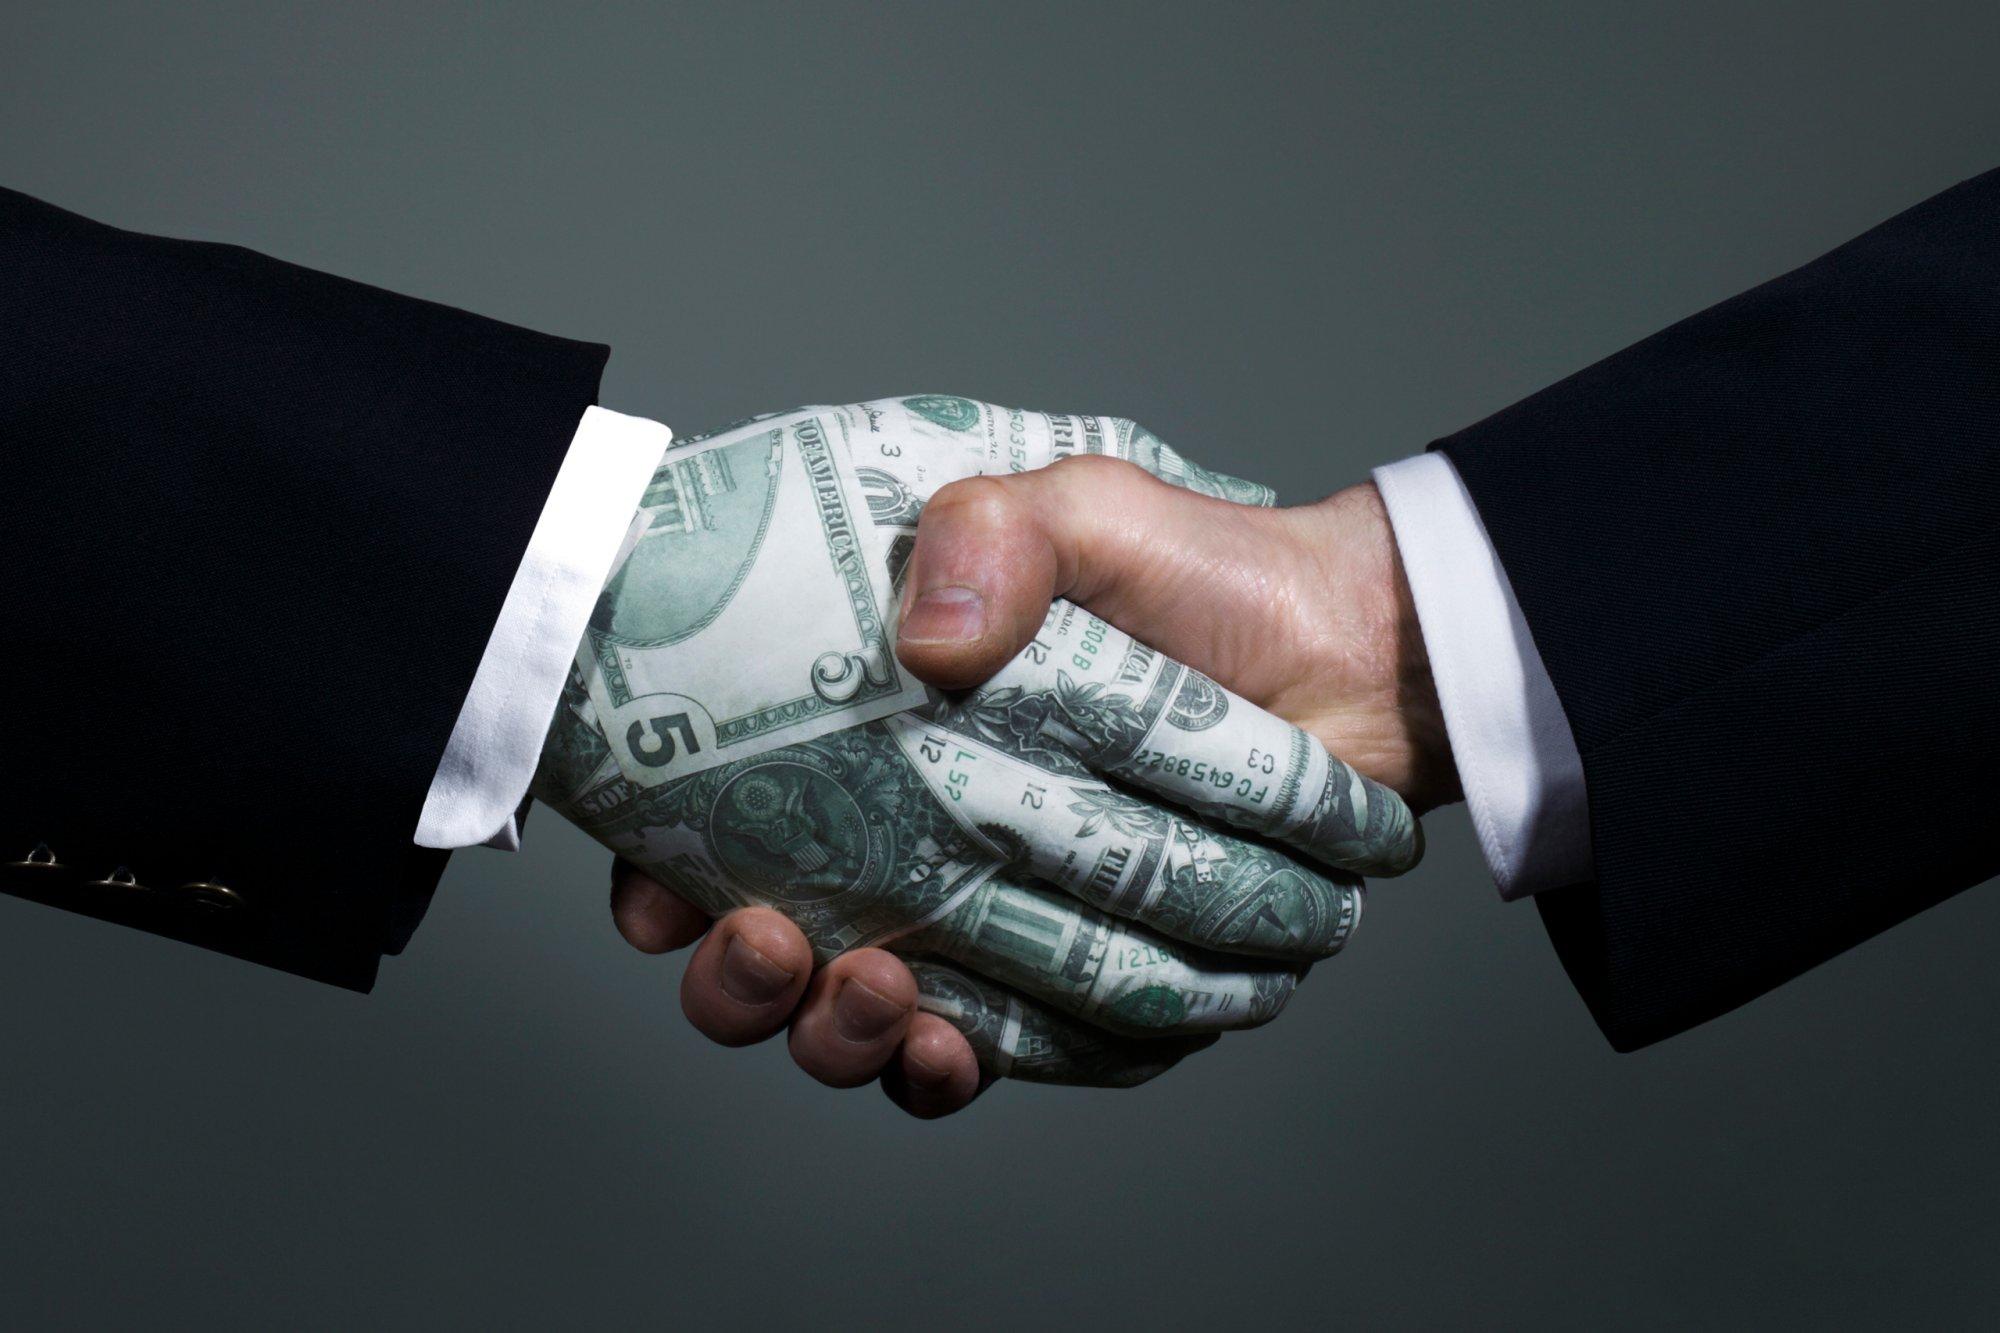 استارتاپها بر چه اساسی سرمایهگذار خطرپذیر خود را انتخاب میکنند؟